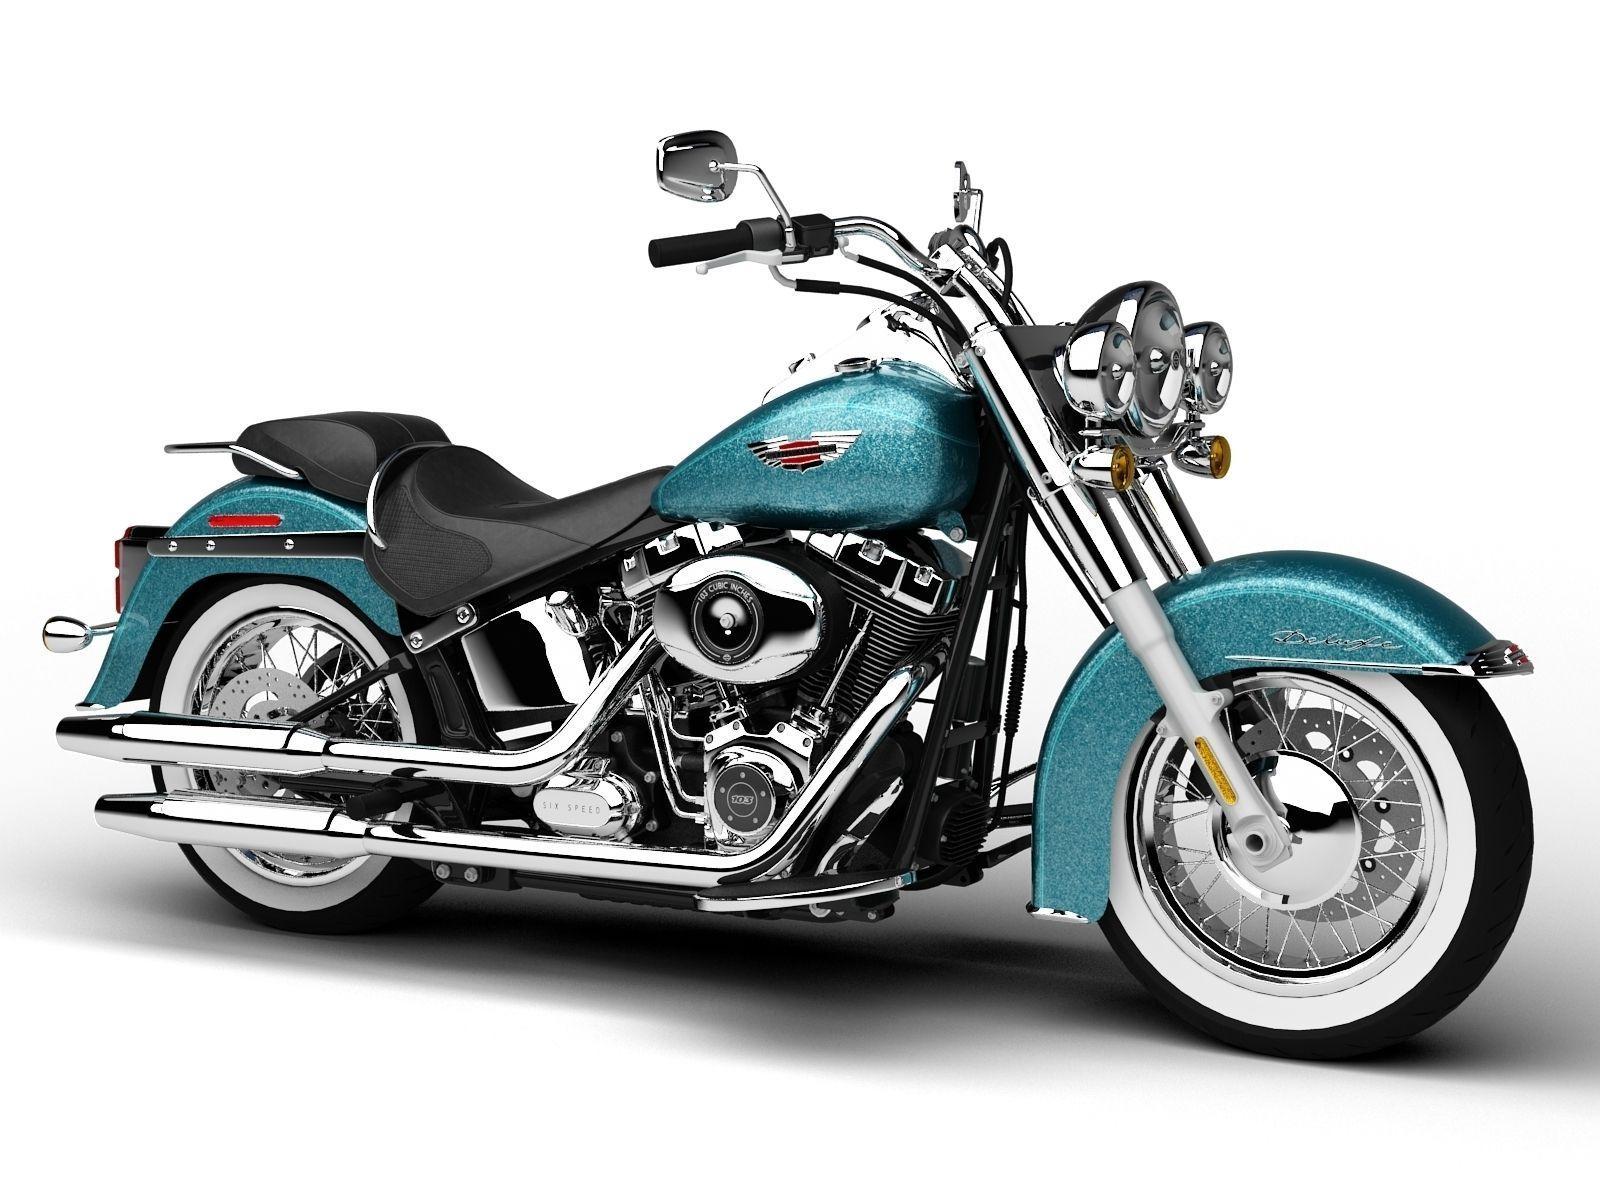 Harley Davidson Models Pictures